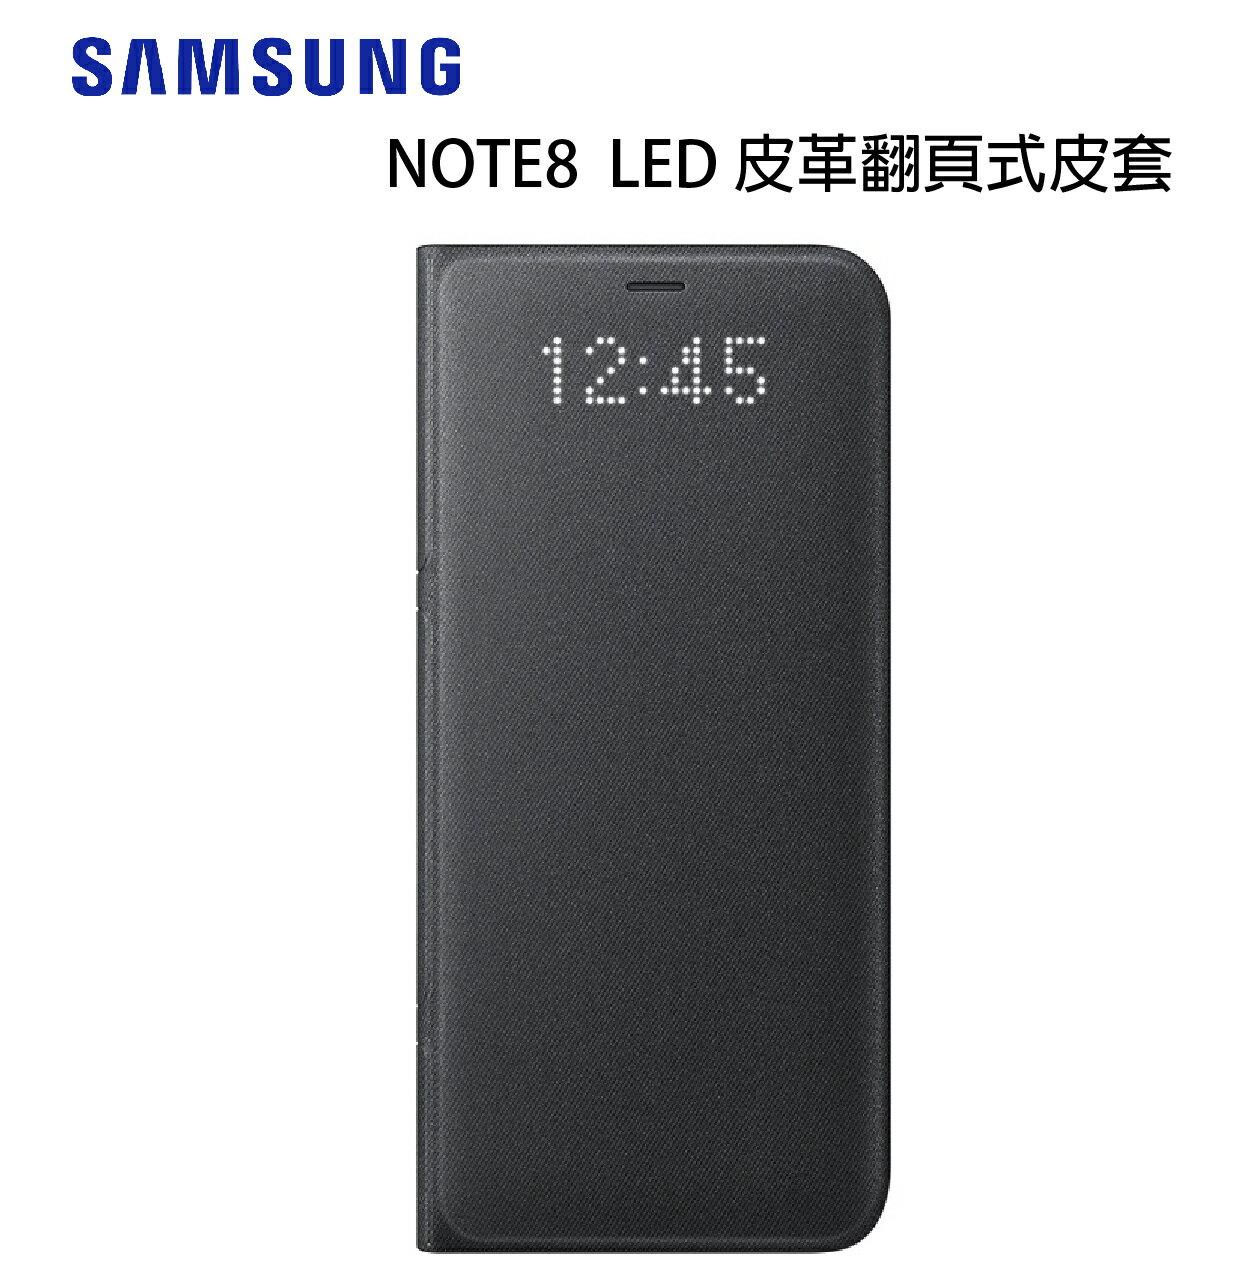 三星 SAMSUNG 正原廠 GALAXY NOTE8 LED 皮革翻頁式皮套-黑/藍/紫/金